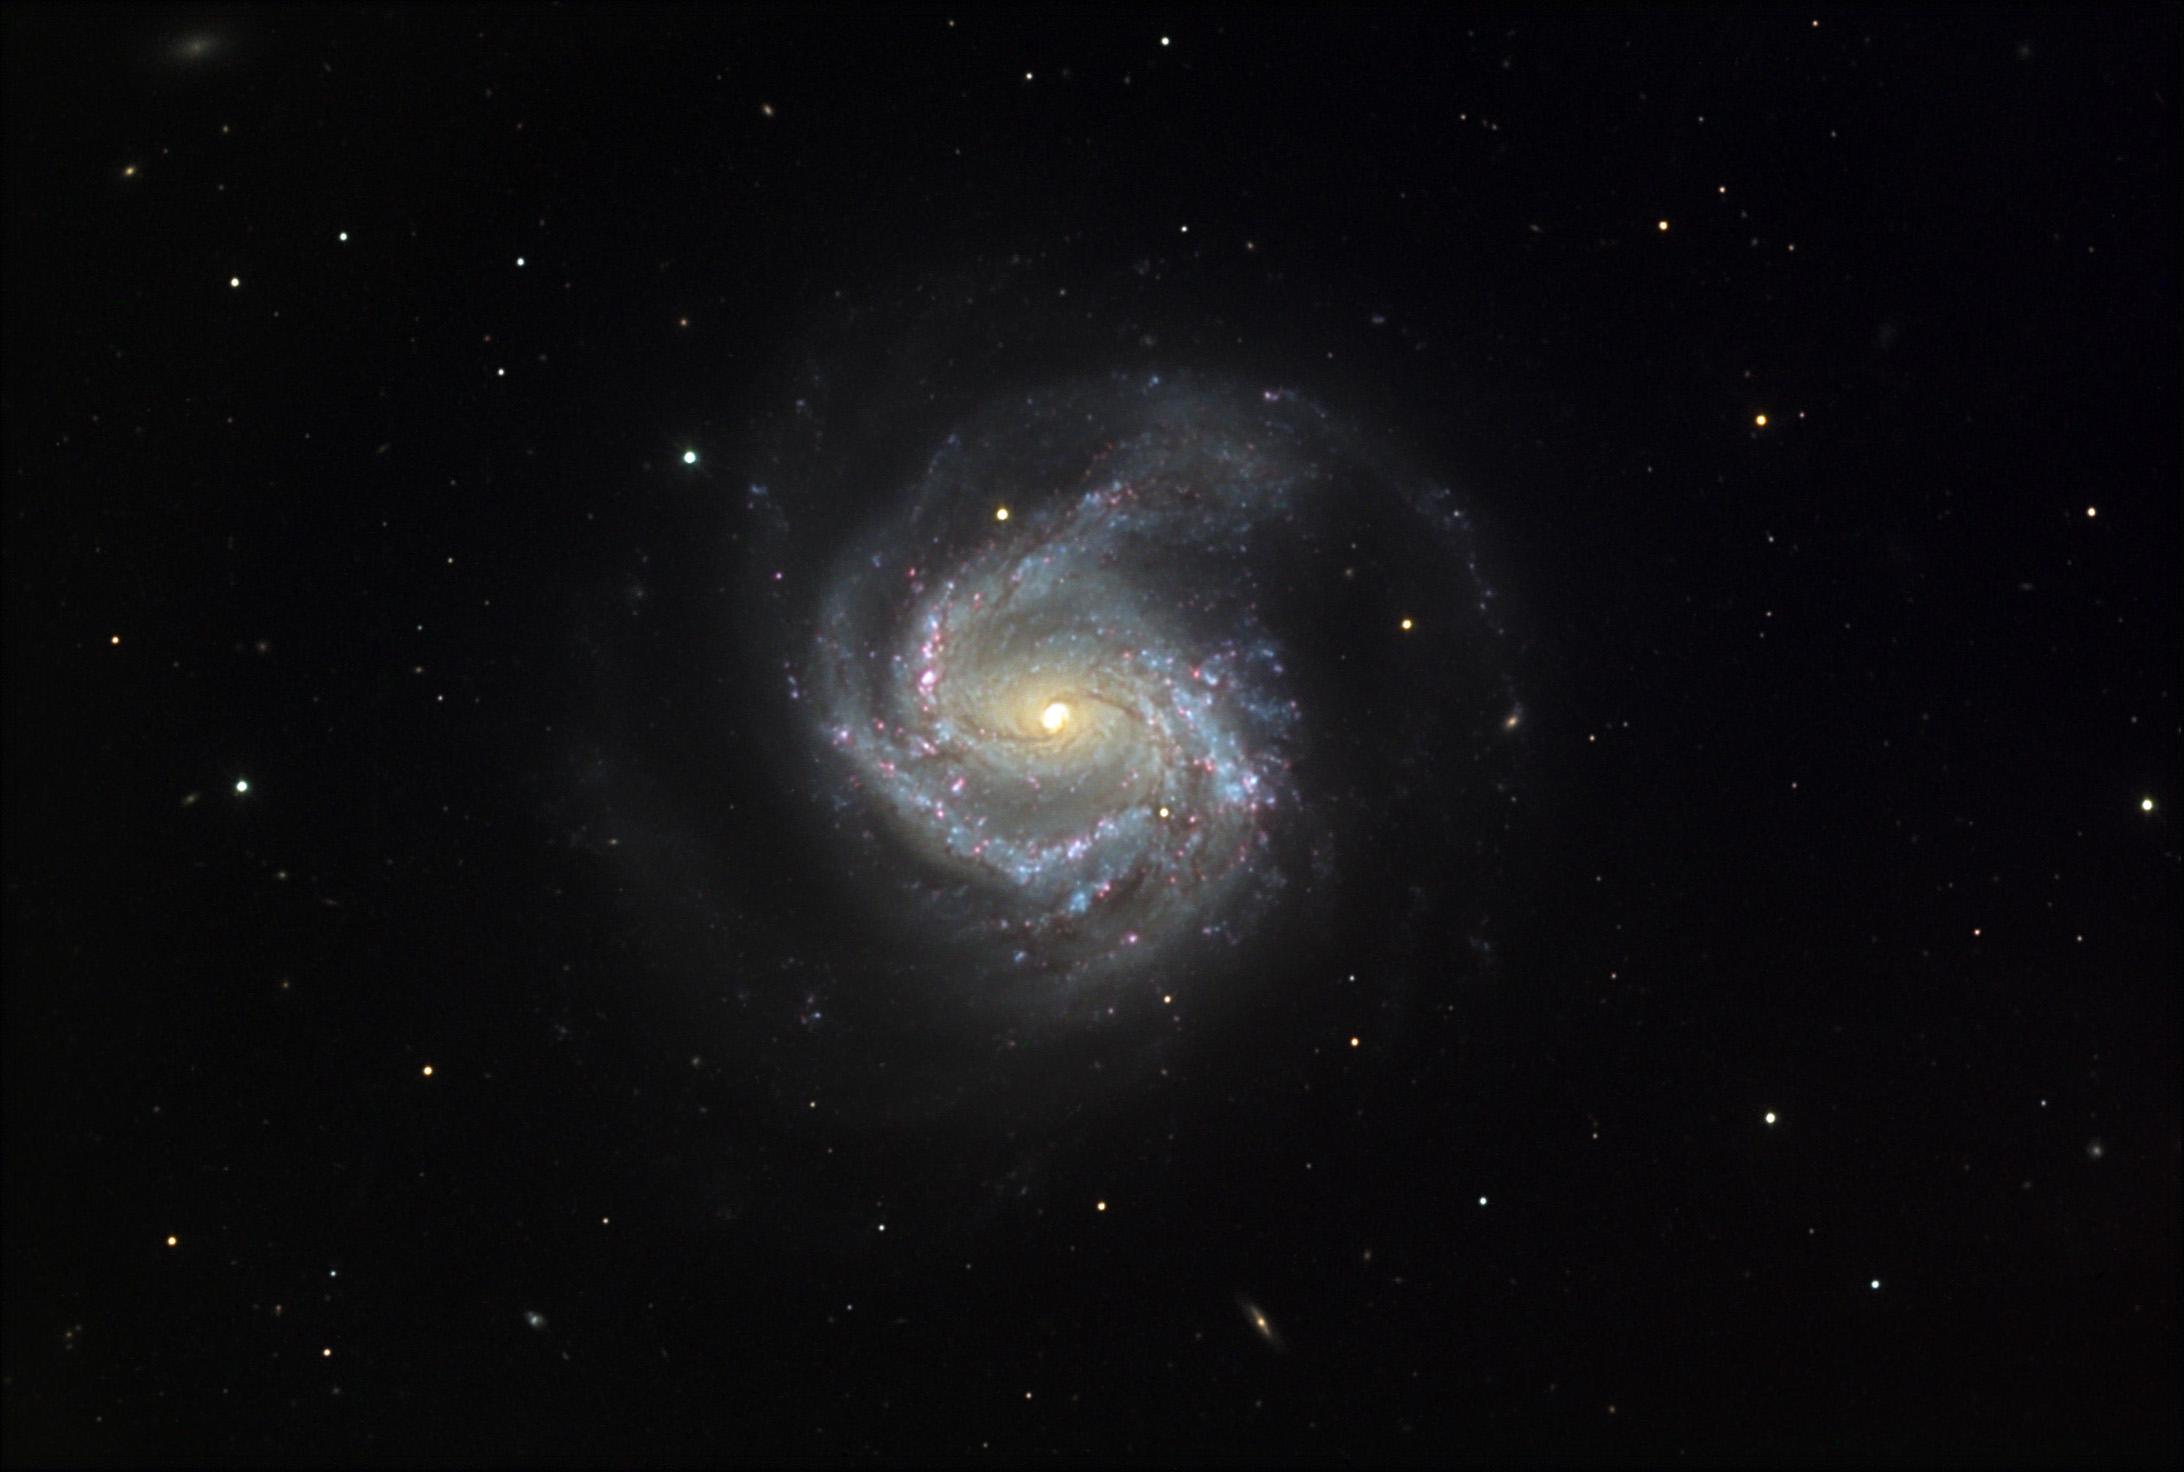 NGC 4303